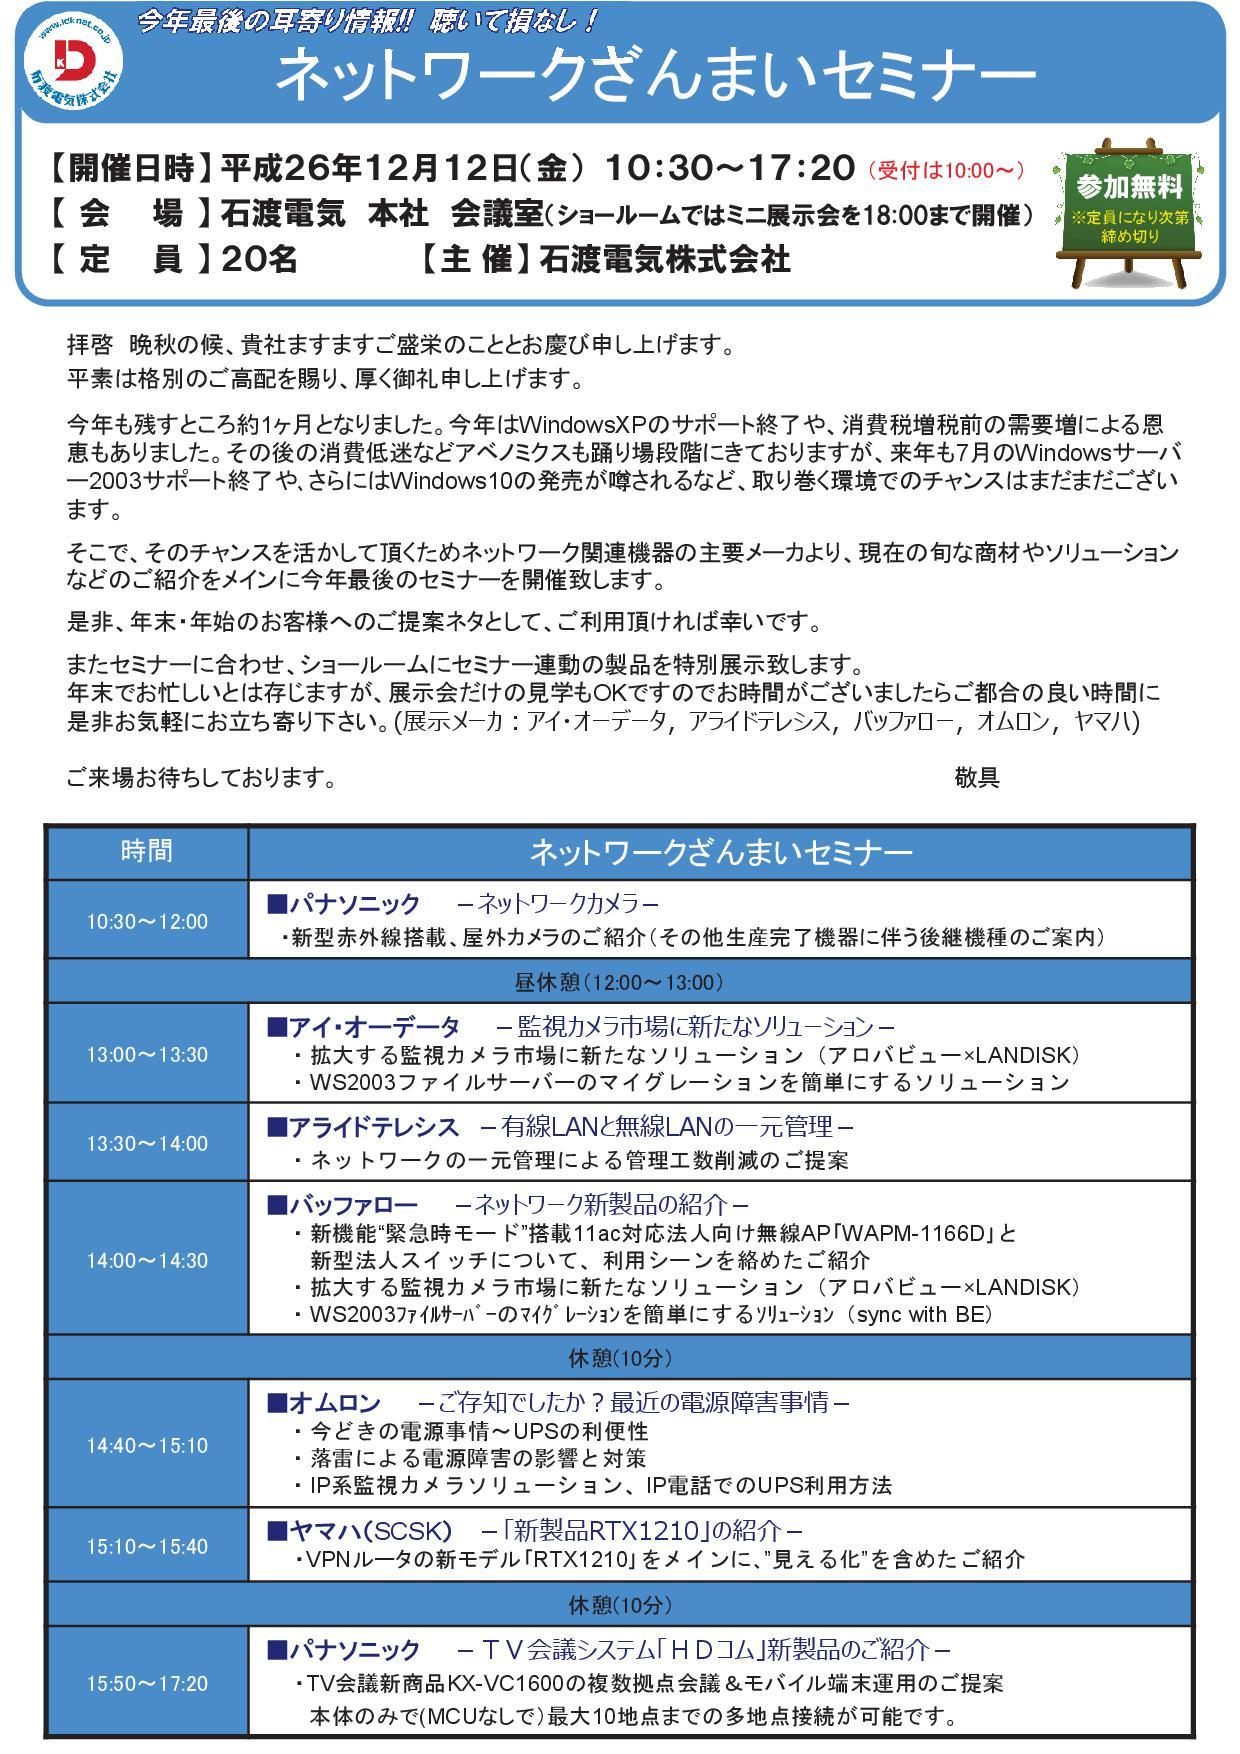 ネットワークざんまいセミナー案内状(141212)-001